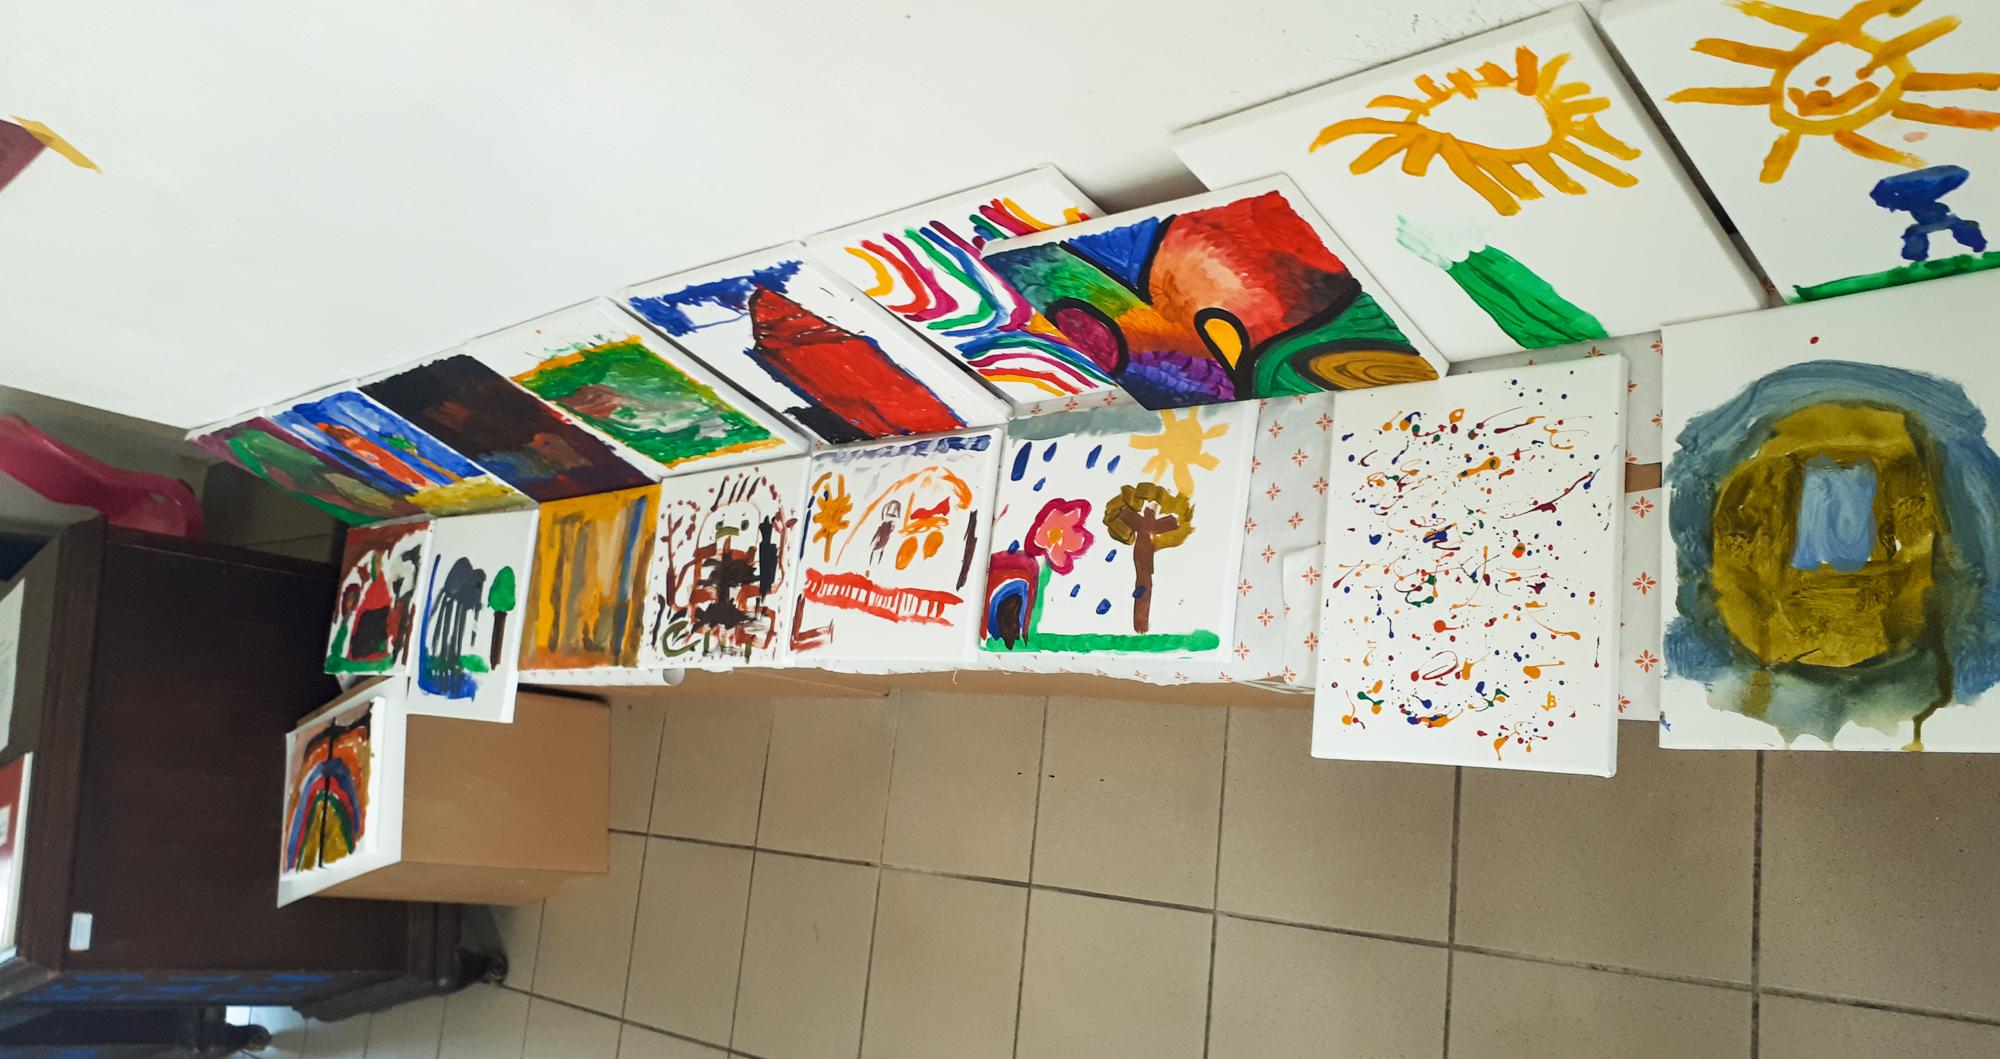 Kinder der Kita Rhäsa besuchen die Künstlerin Anke Kutzschbauch im Öffentlichen Atelier